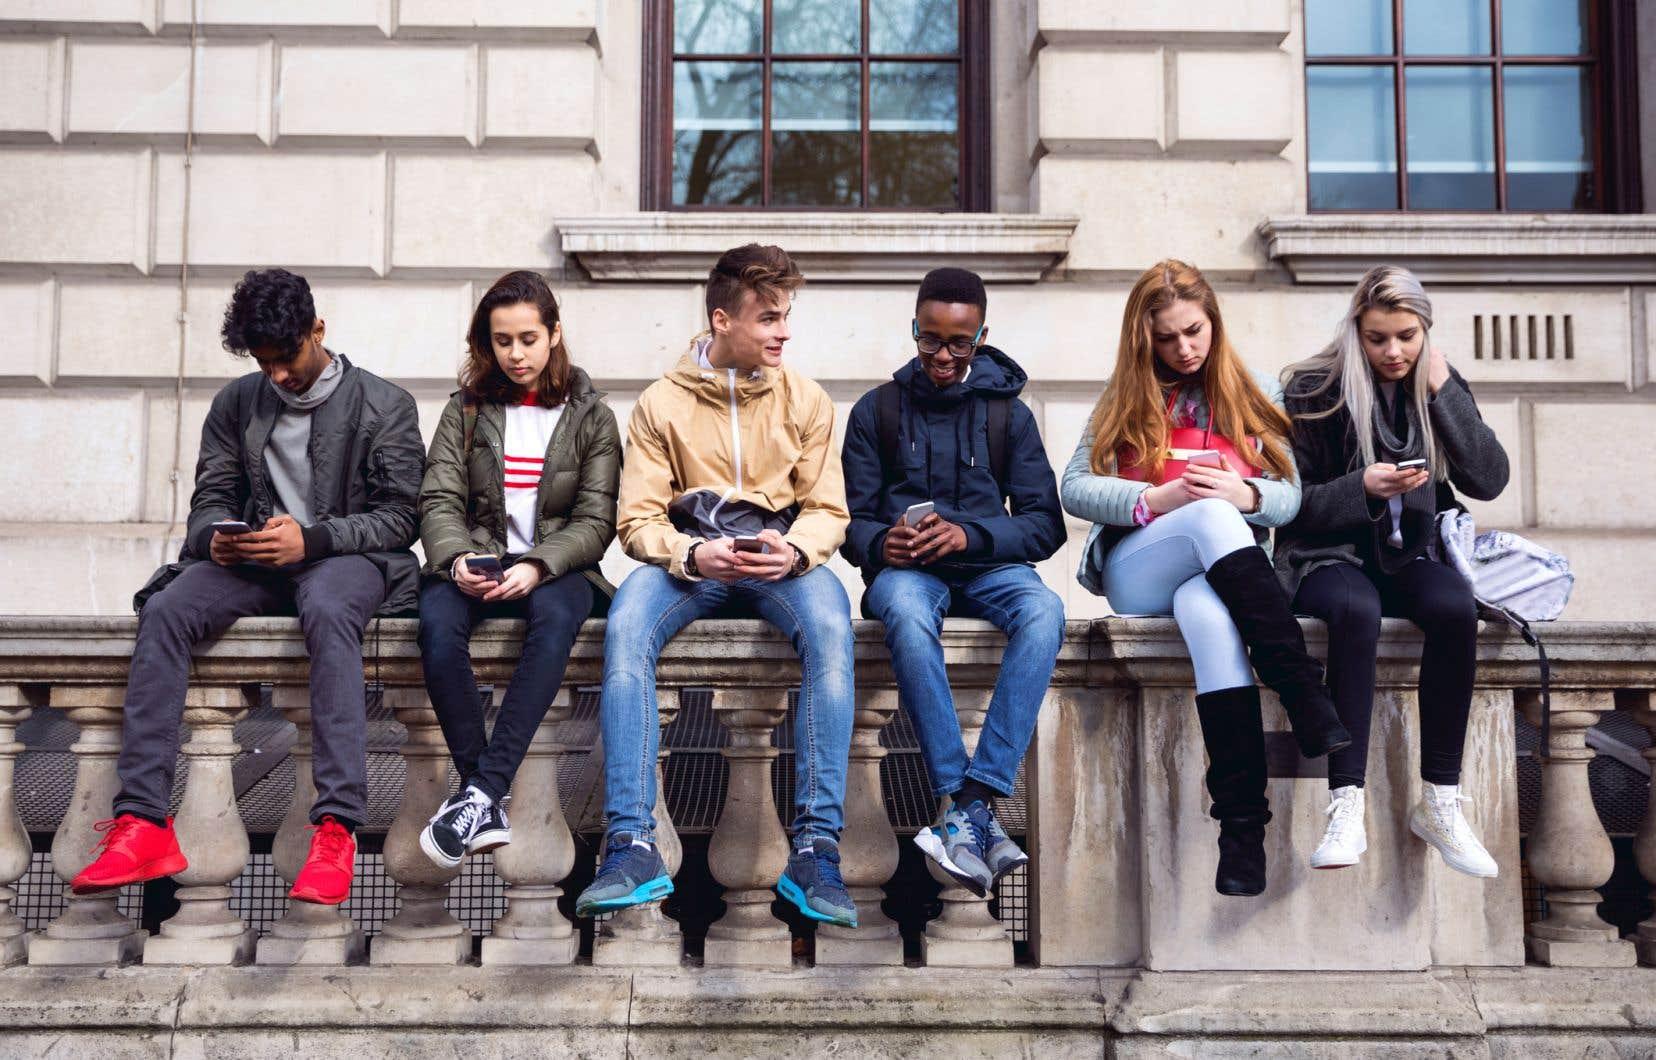 Les auteurs de l'étude soulignent le fait que l'usage des médias numériques modernes peut jouer un rôle dans le développement des symptômes du TDAH, dont les principaux sont l'inattention etl'hyperactivité-impulsivité.